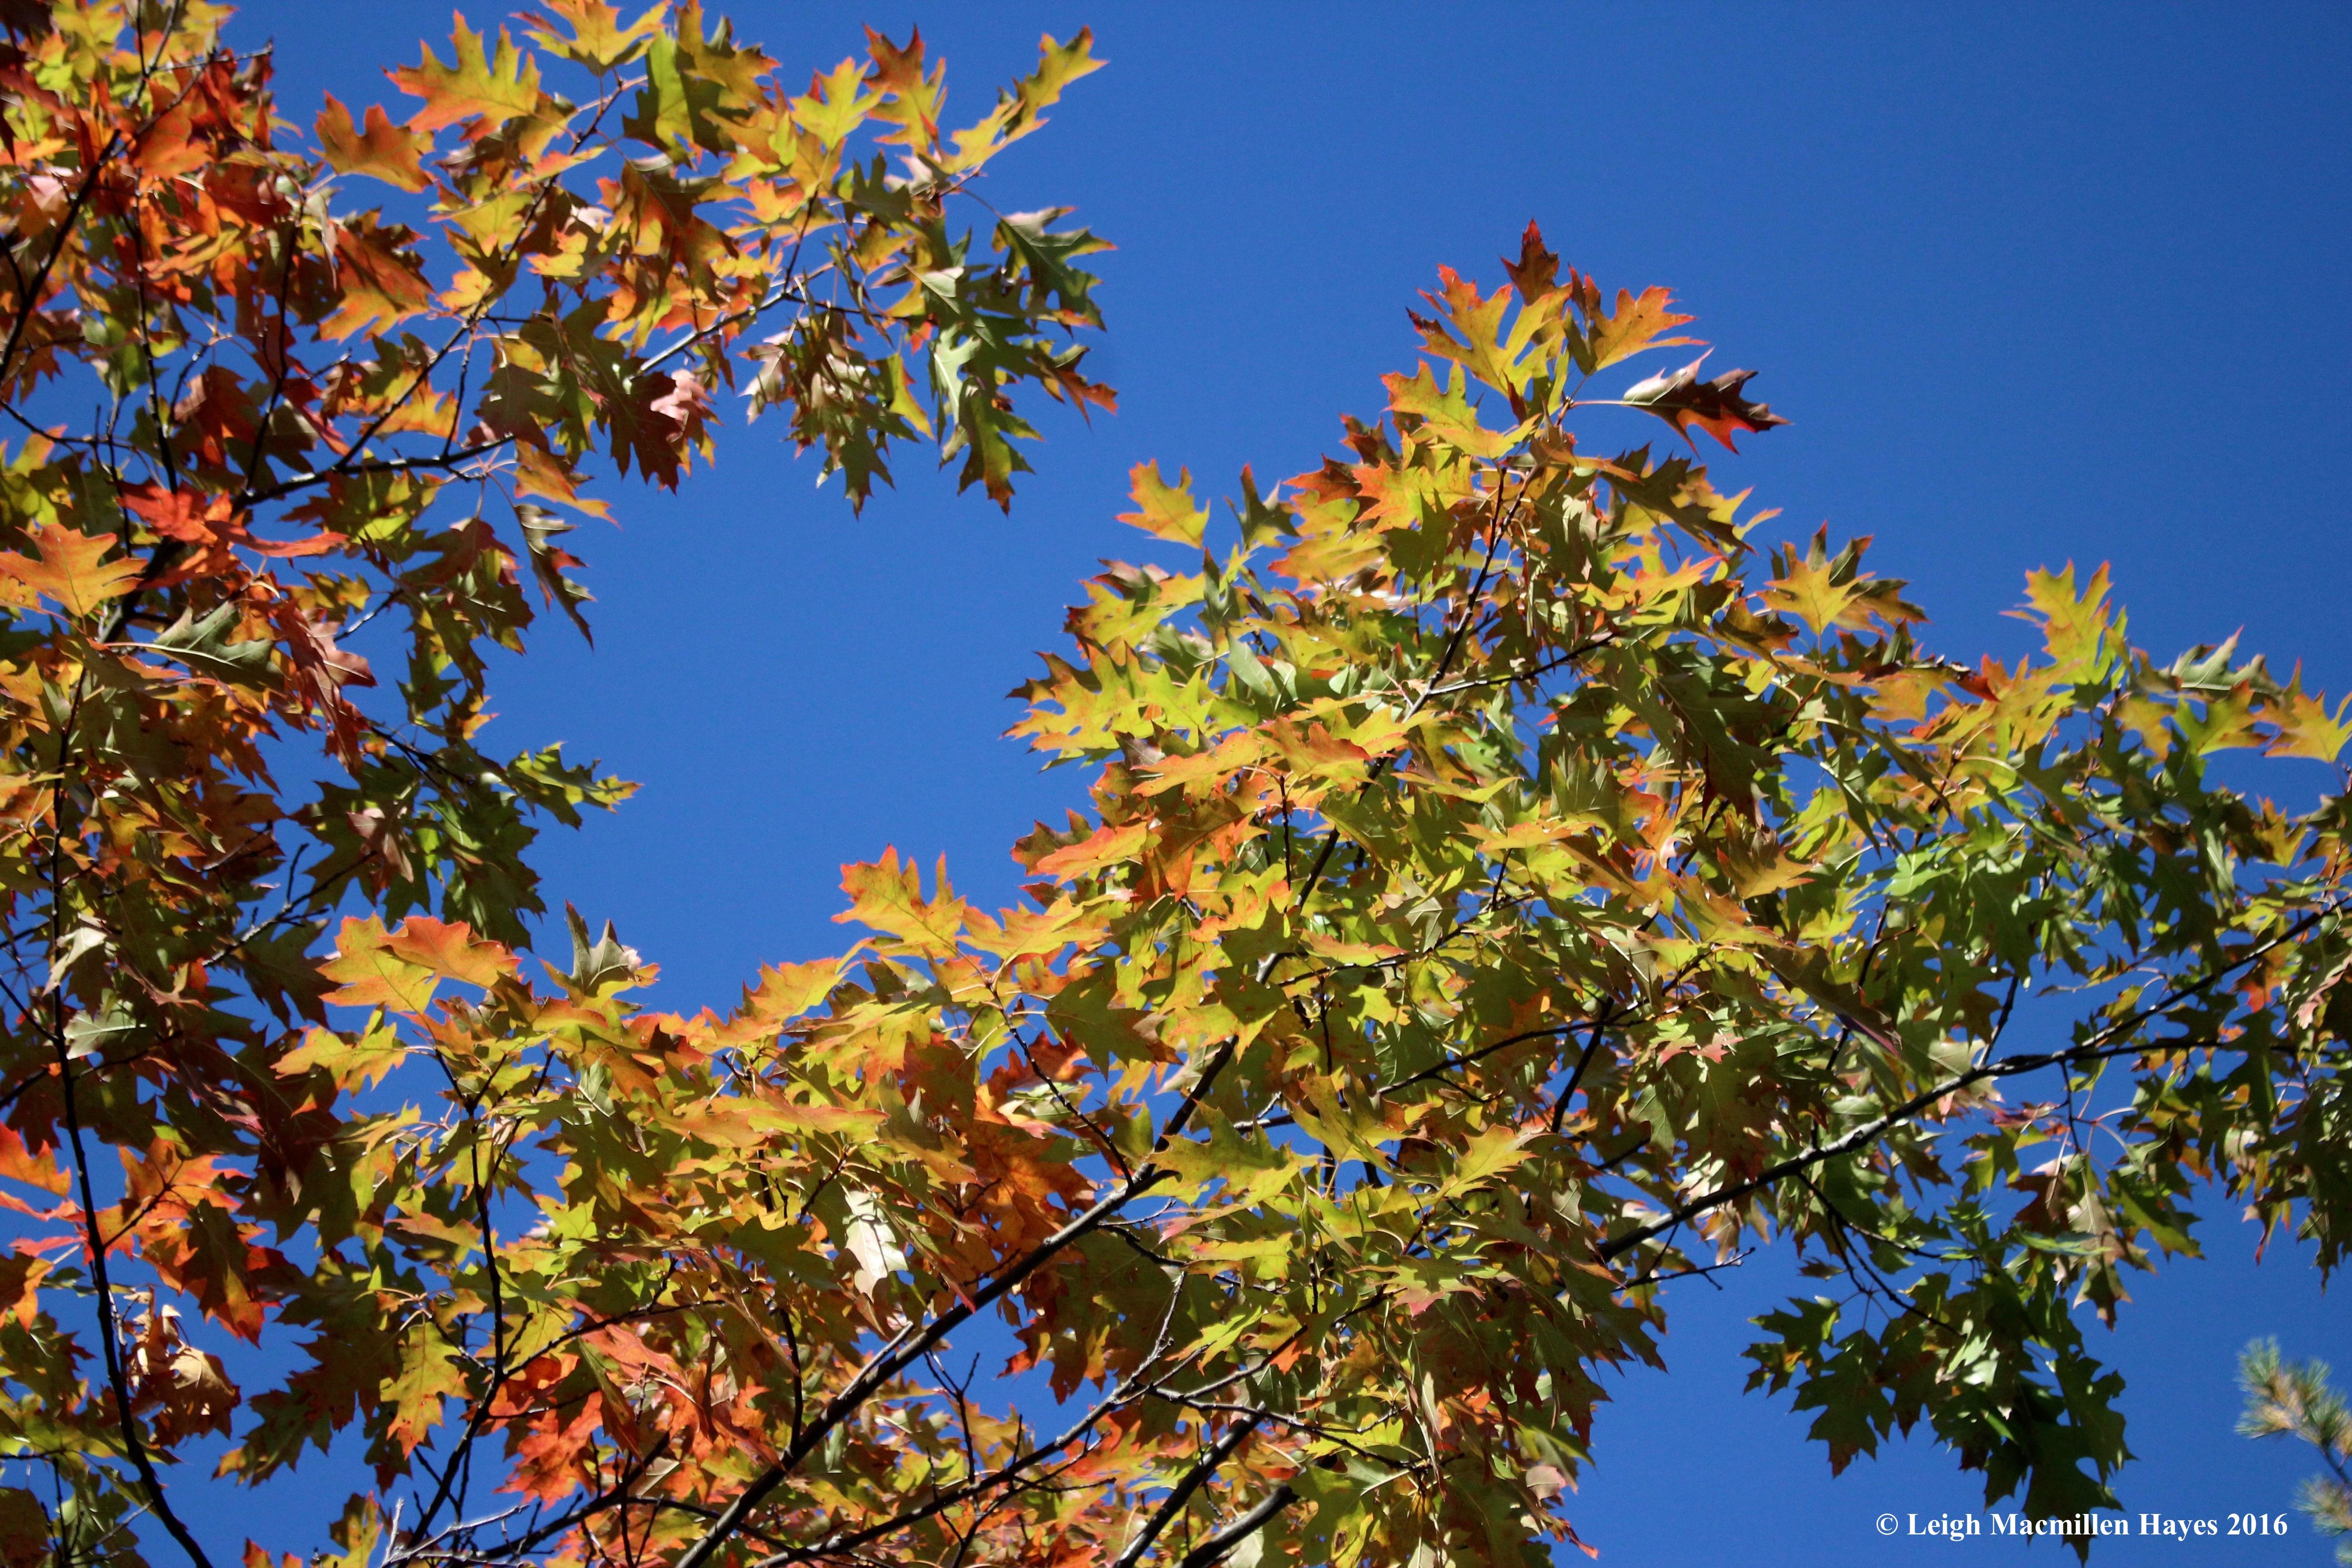 b-red-oaks-against-sky